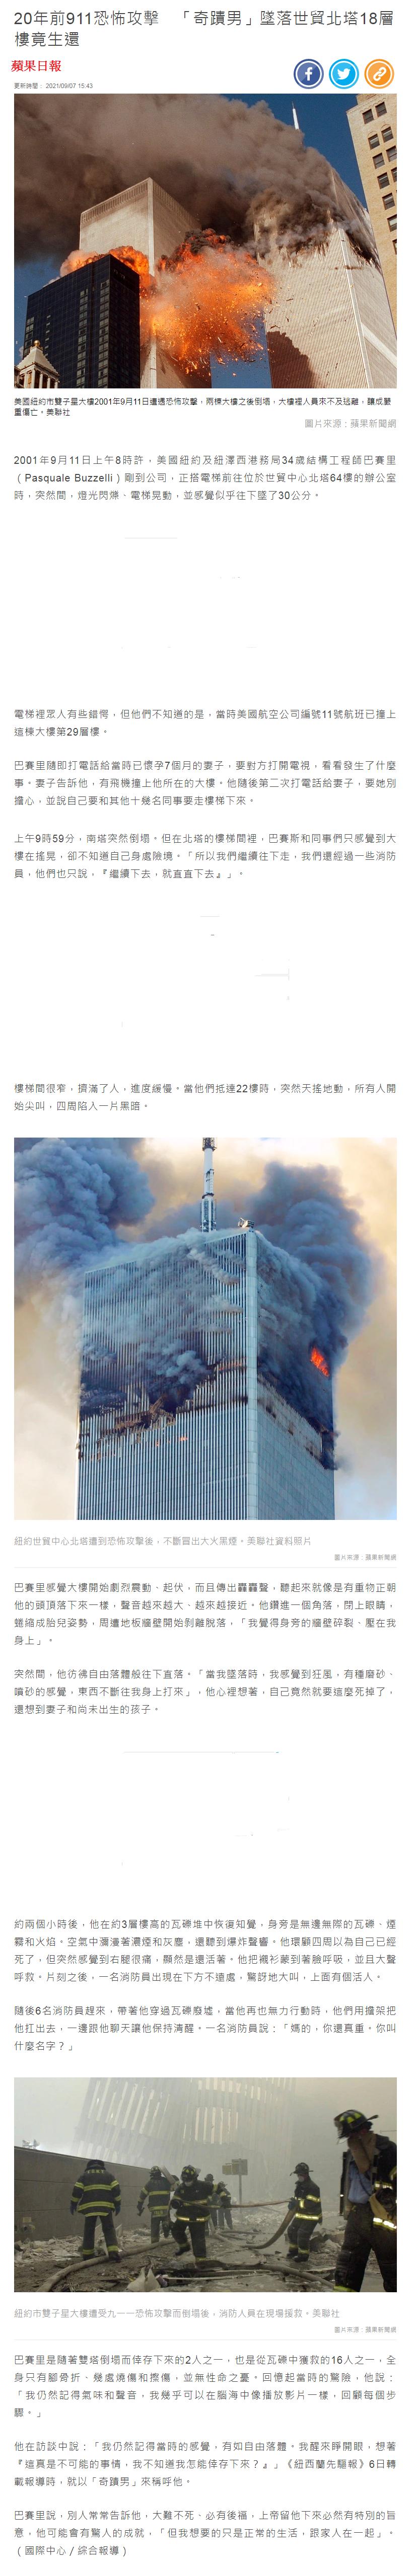 20年前911恐怖攻擊 「奇蹟男」墜落世貿北塔18層樓竟生還 - 蘋果新聞網-2021.09.07.png